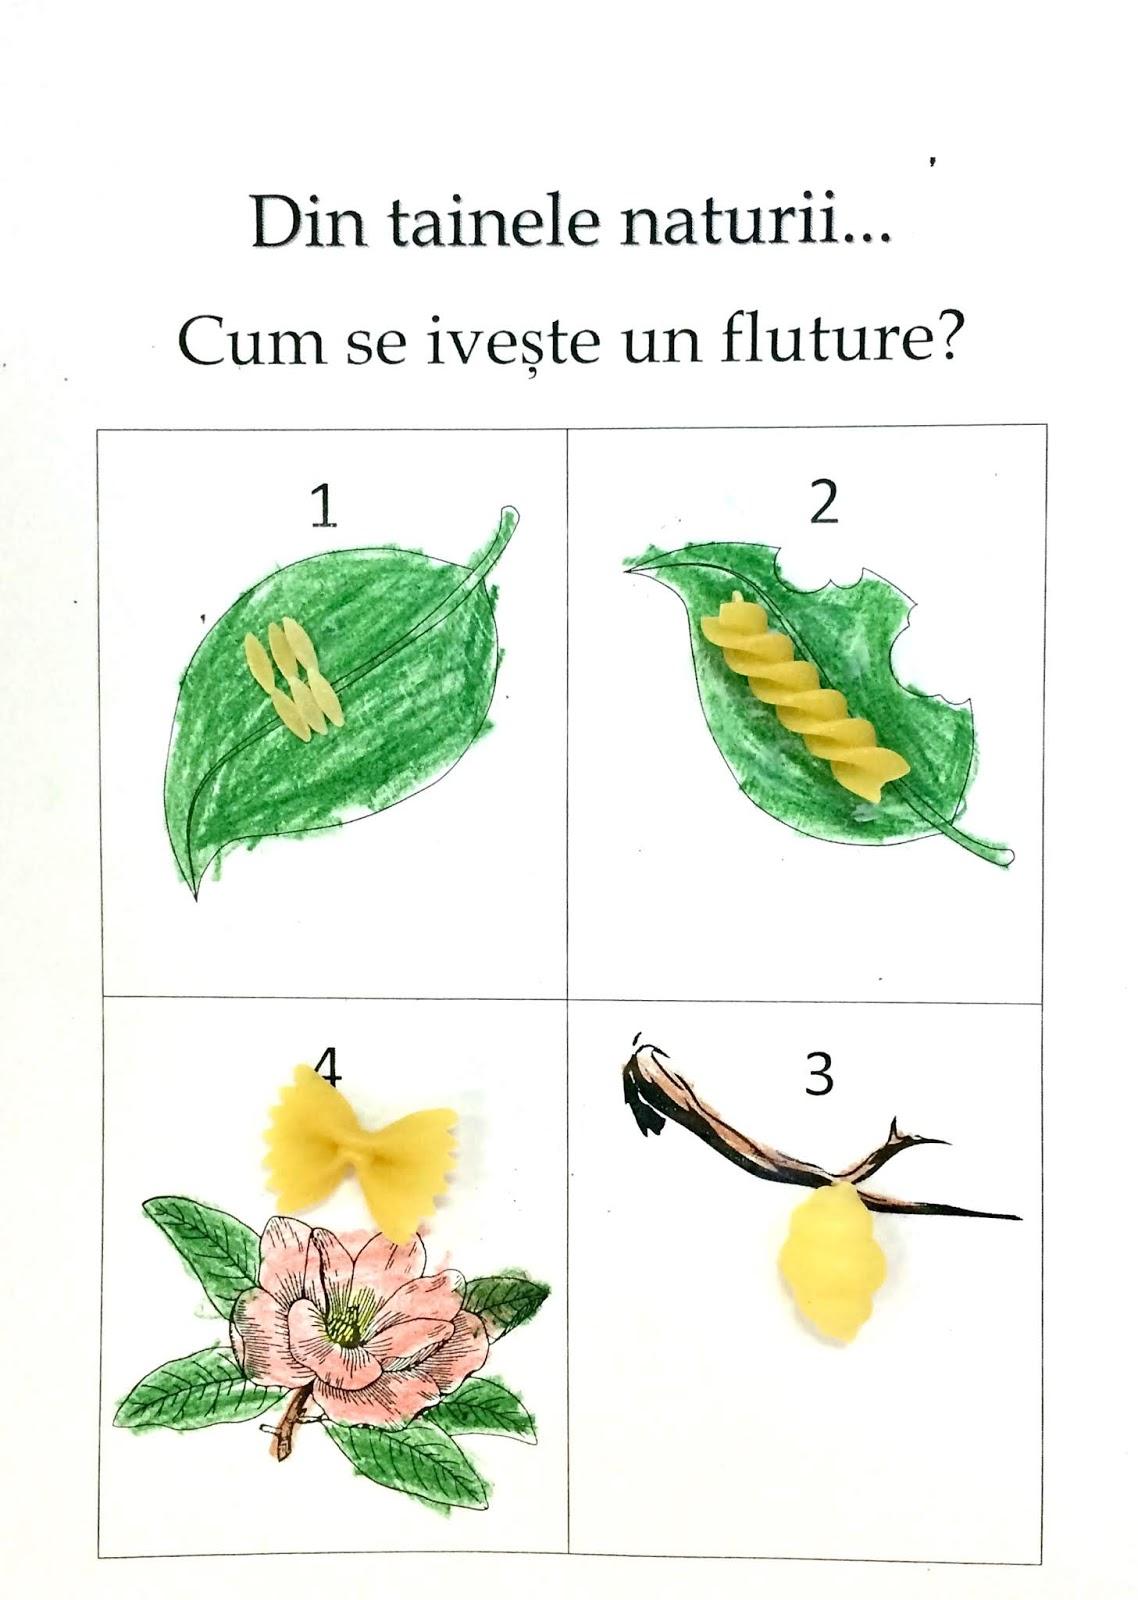 Cum explici metamorfoza fluturelui folosind paste făinoase de forme potrivite